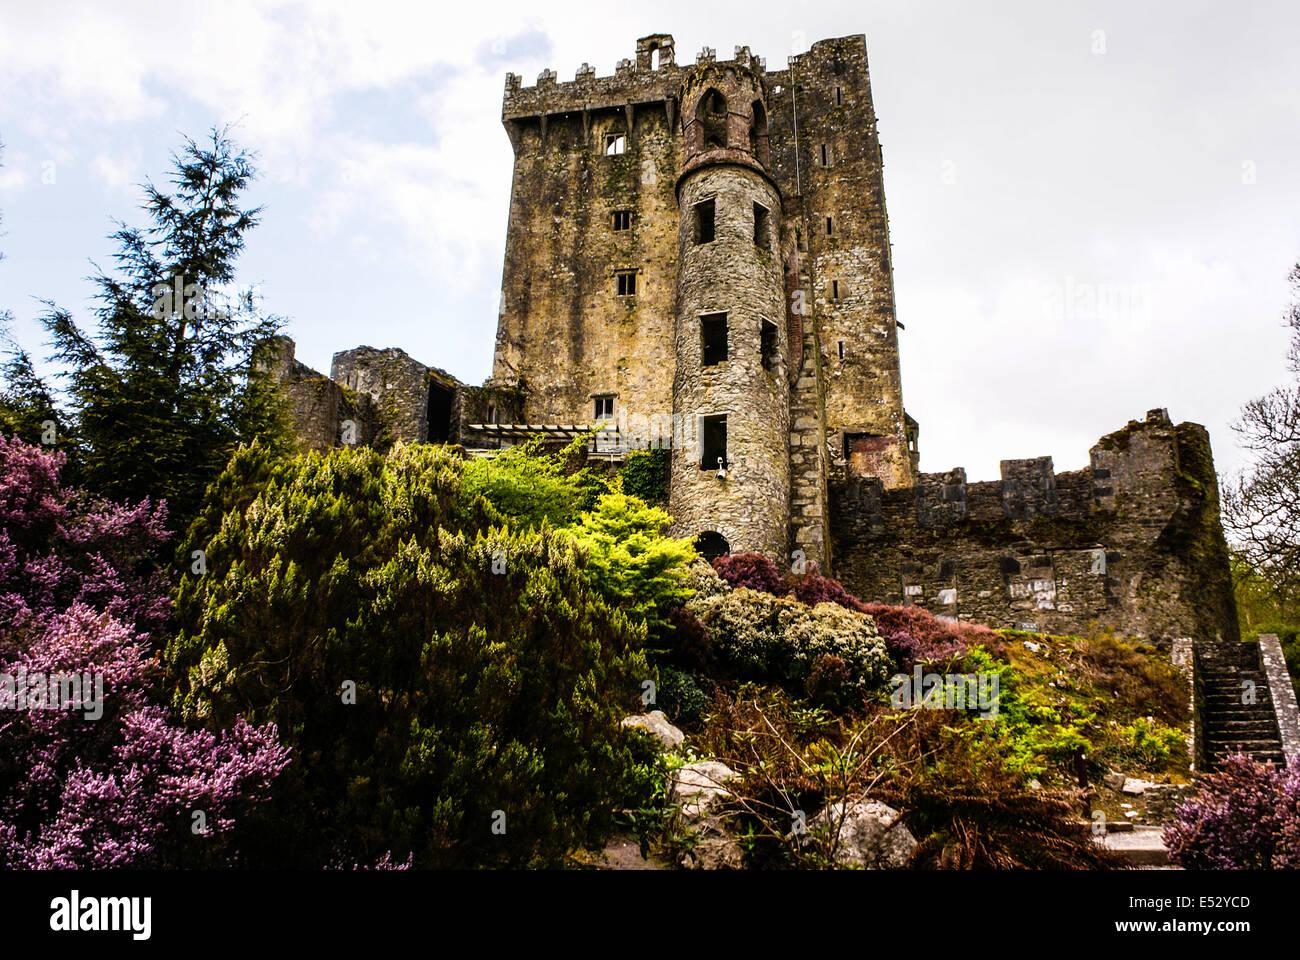 Irische Burg von Blarney, berühmt für den Stein der Beredsamkeit. Irland Stockbild